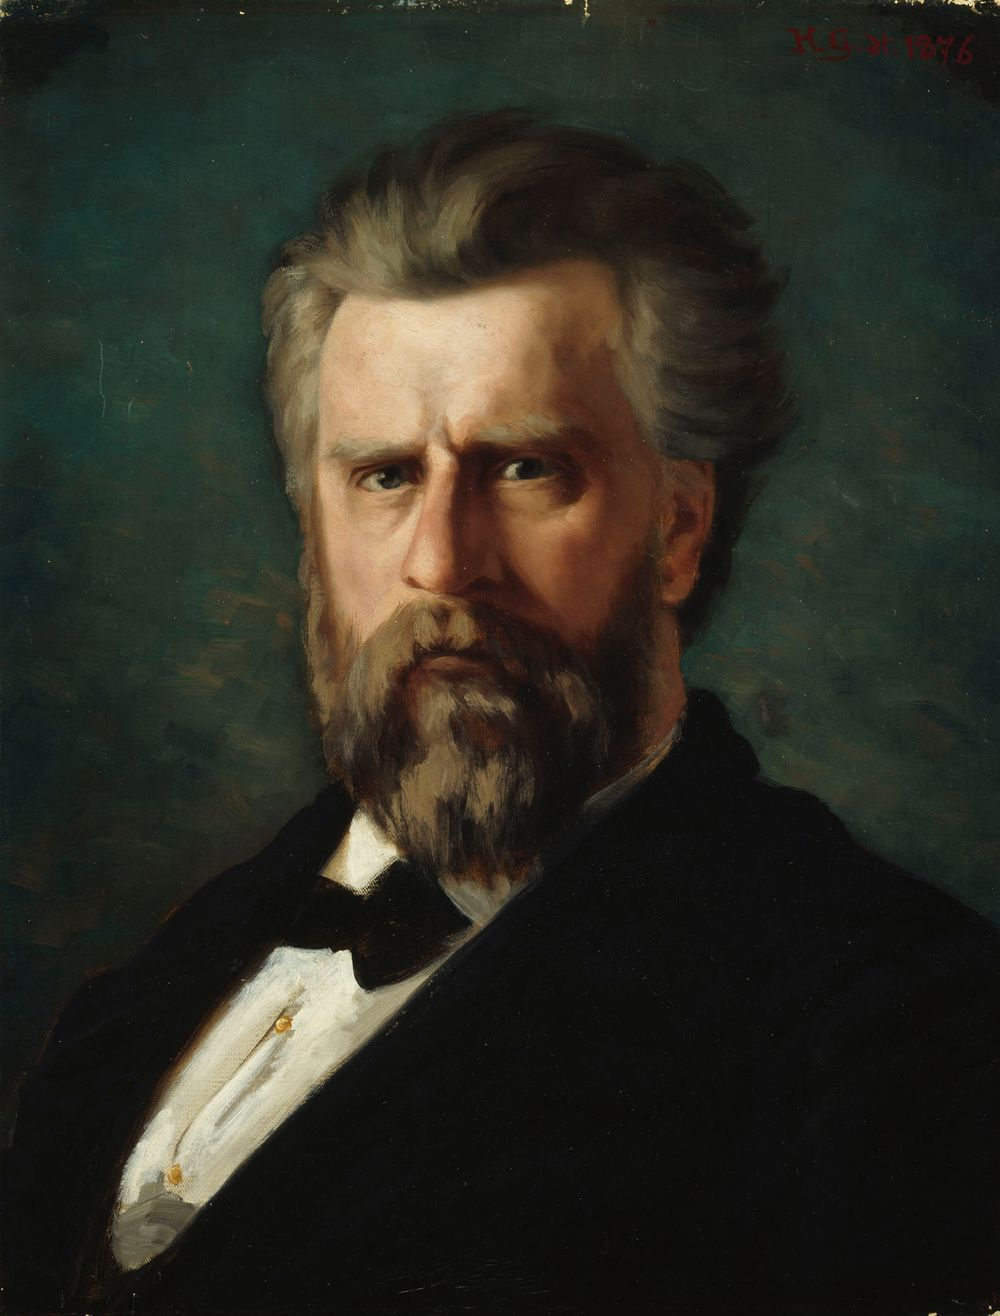 Kuvanveistäjä C. E. Sjöstrandin muotokuva